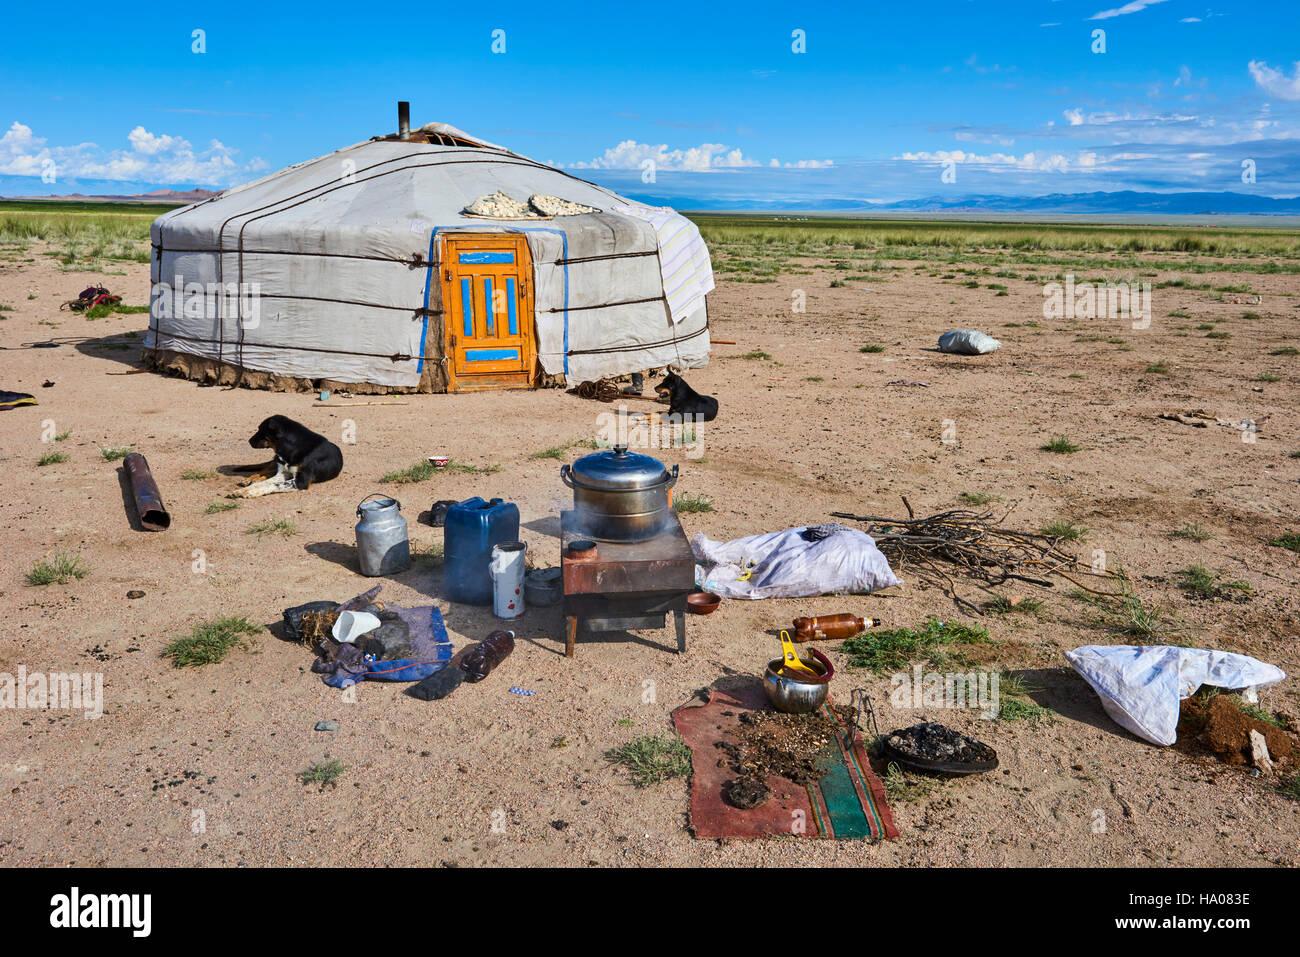 Mongolia, Uvs province, western Mongolia, nomad camp near the lake Achit Nuur - Stock Image